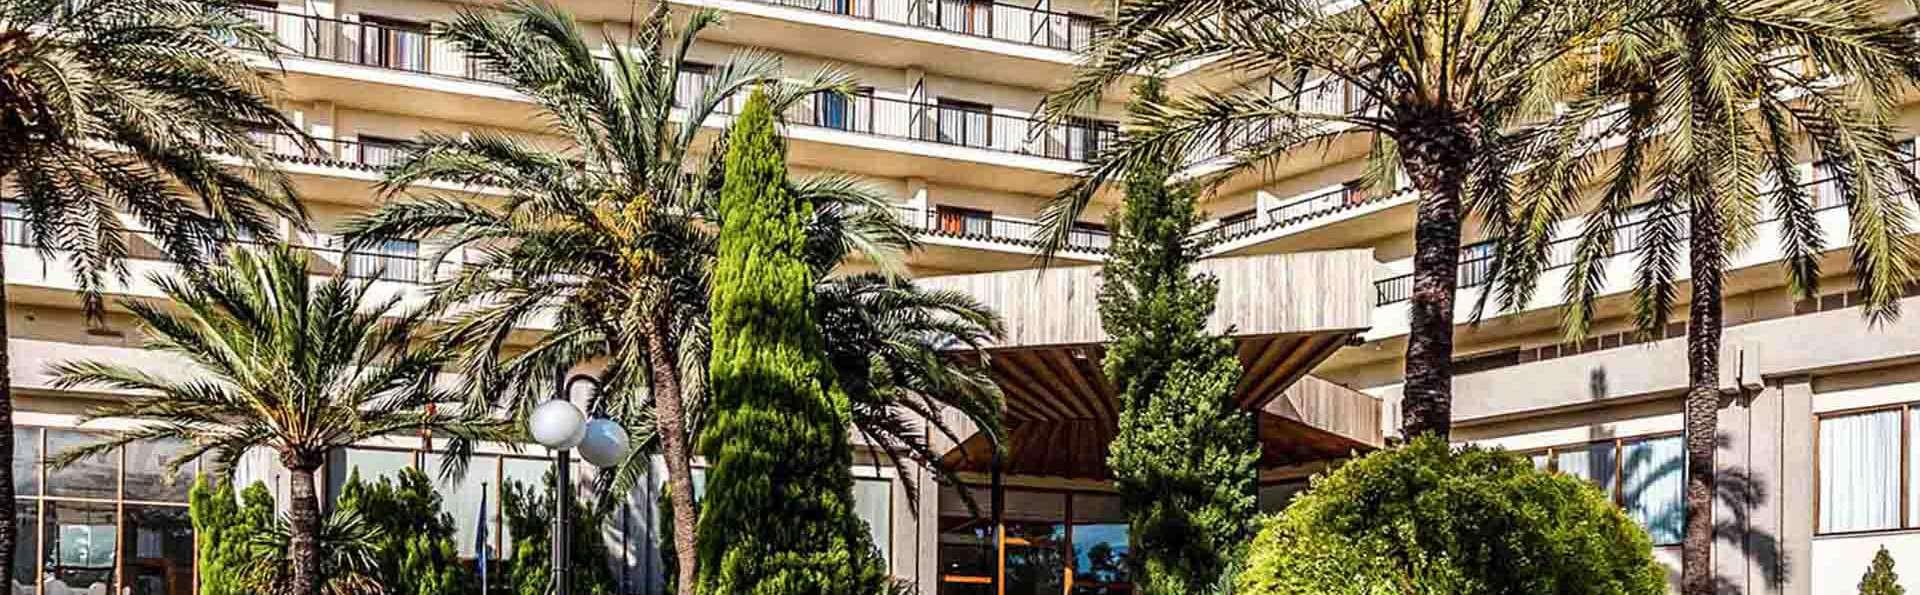 Hotel Intur Orange - EDIT_Fachada_01.jpg